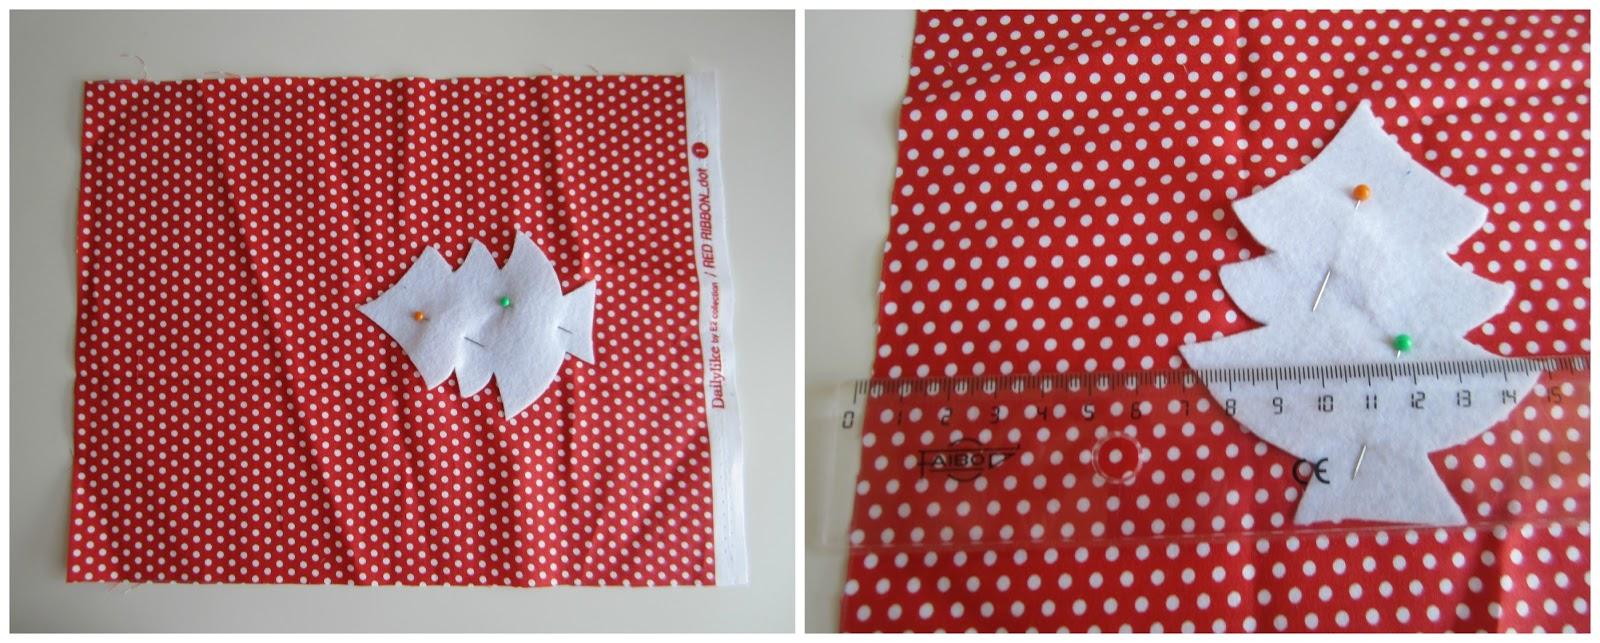 mis nancys, mis peques y yo, tutorial bolsitas de Navidad reversibles, colocar pieza sobre tela